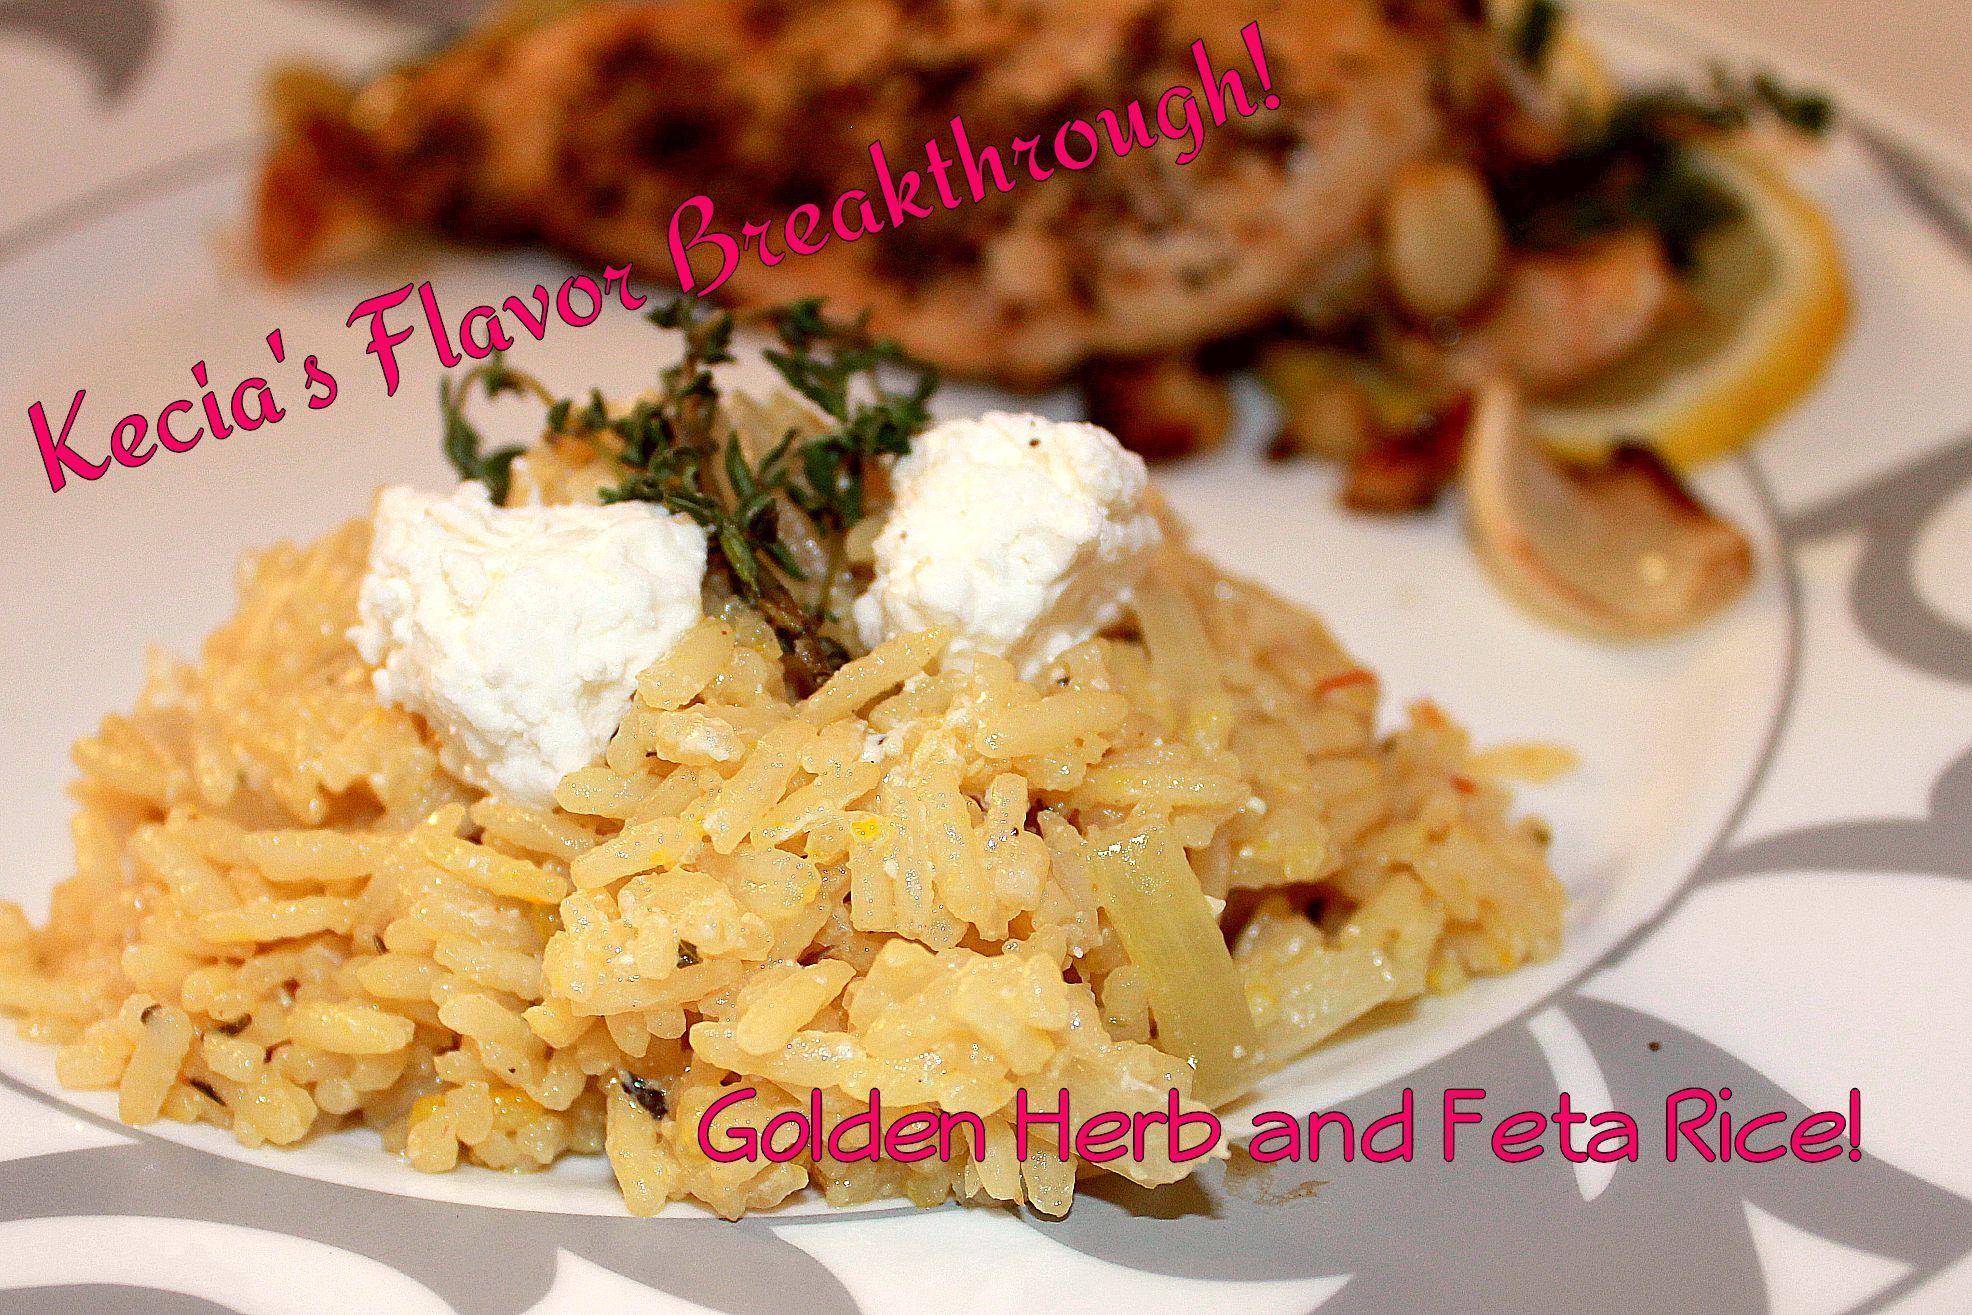 Golden Herb and Feta Rice! « Kecia's Flavor Breakthrough!